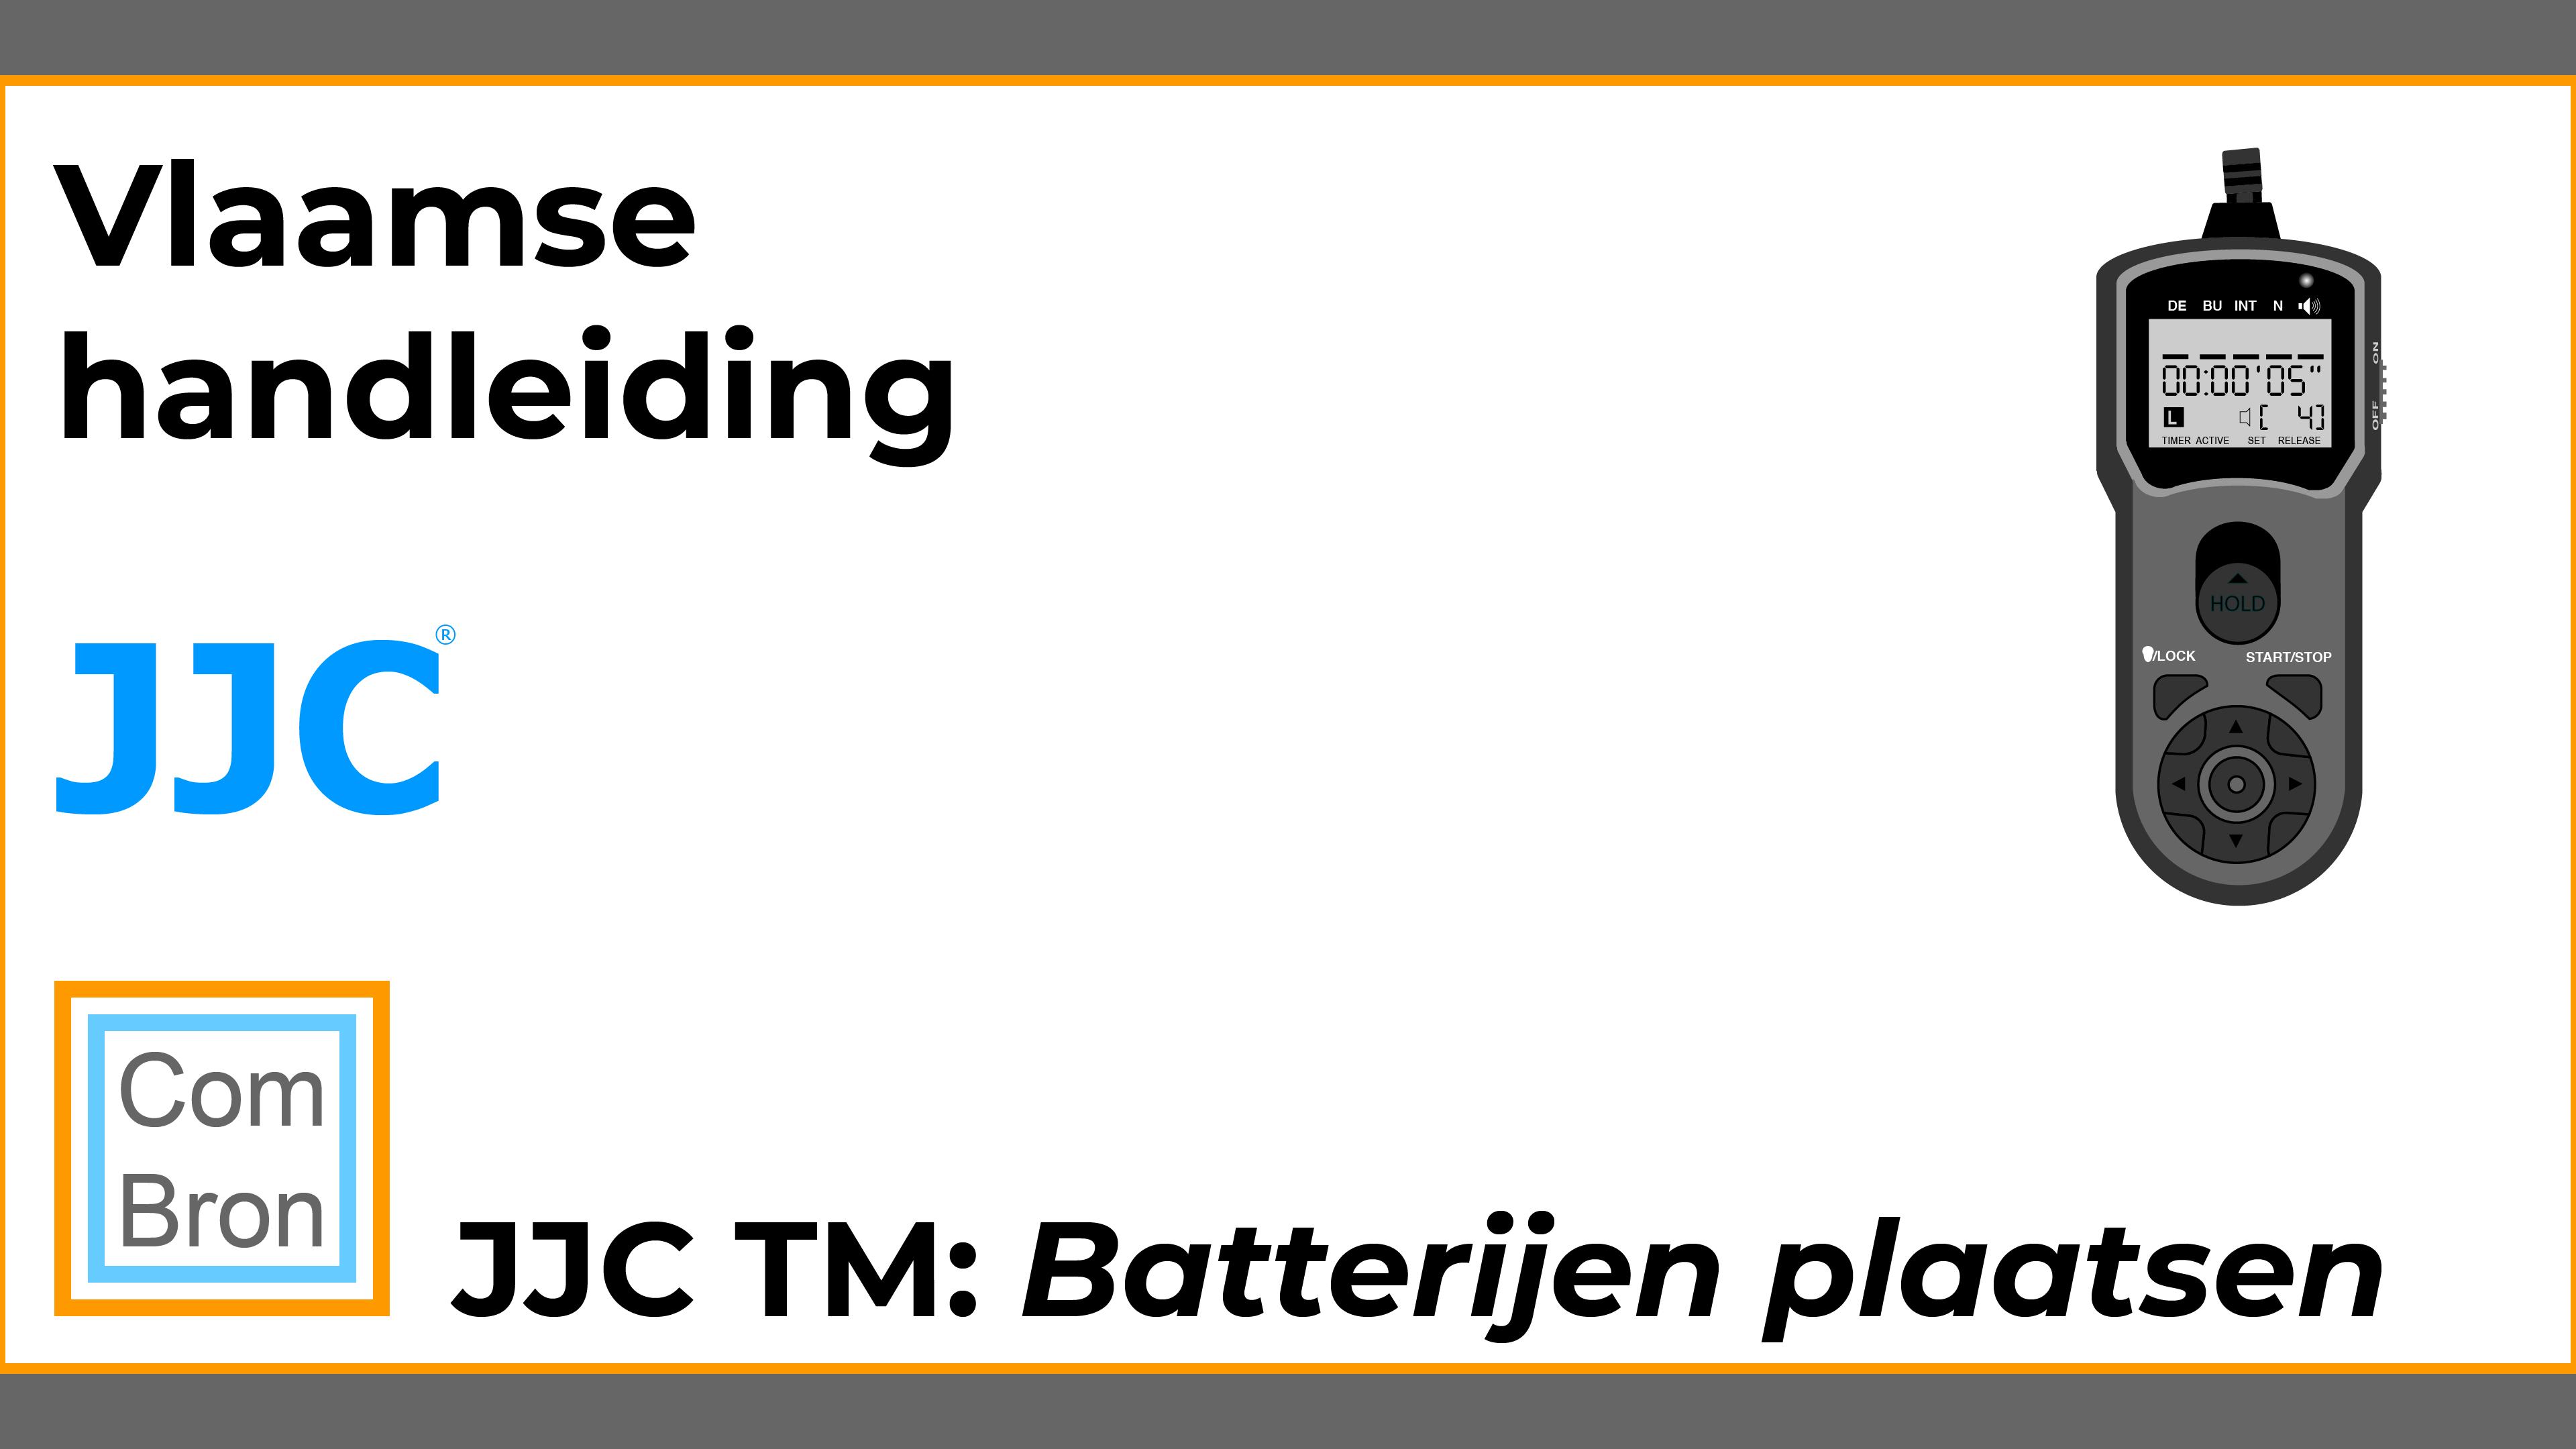 Batterijen plaatsen in de JJC TM afstandbediening voor fotocamera.